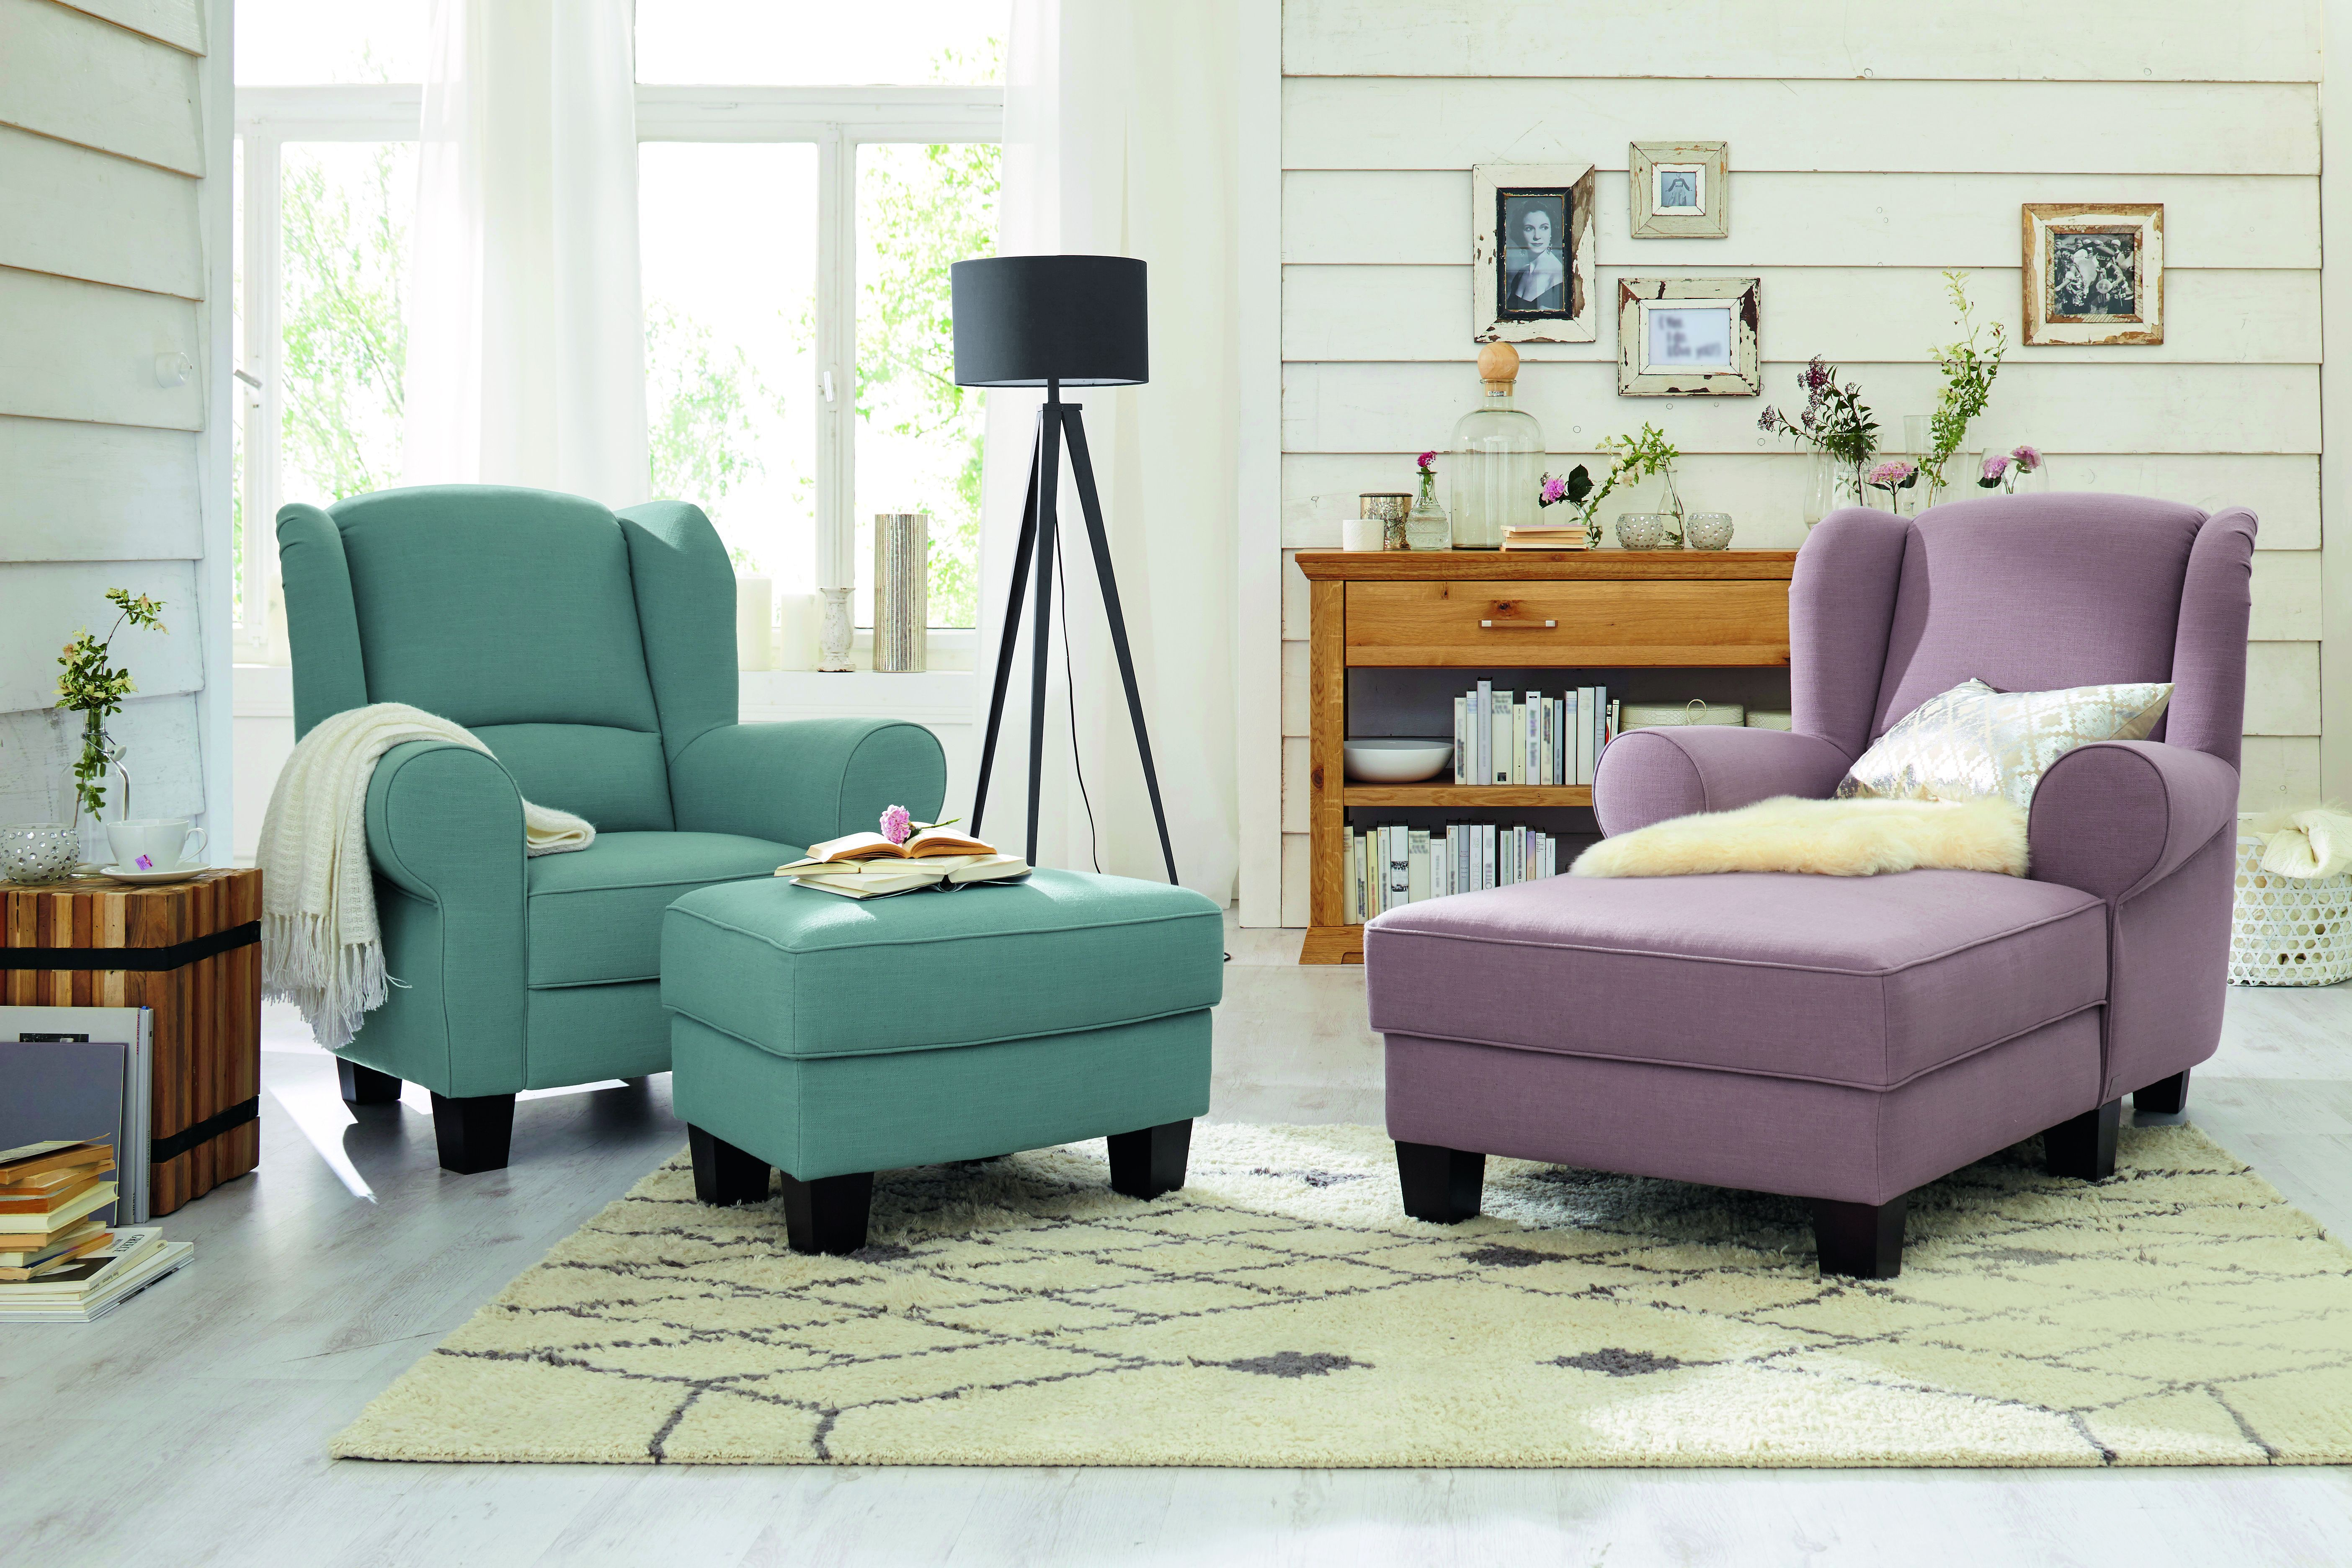 Farbenfrohe Polstermöbellierung Endner Wohnideen Hochwertige Möbel Ohrensessel Wohnzimmer Ecken